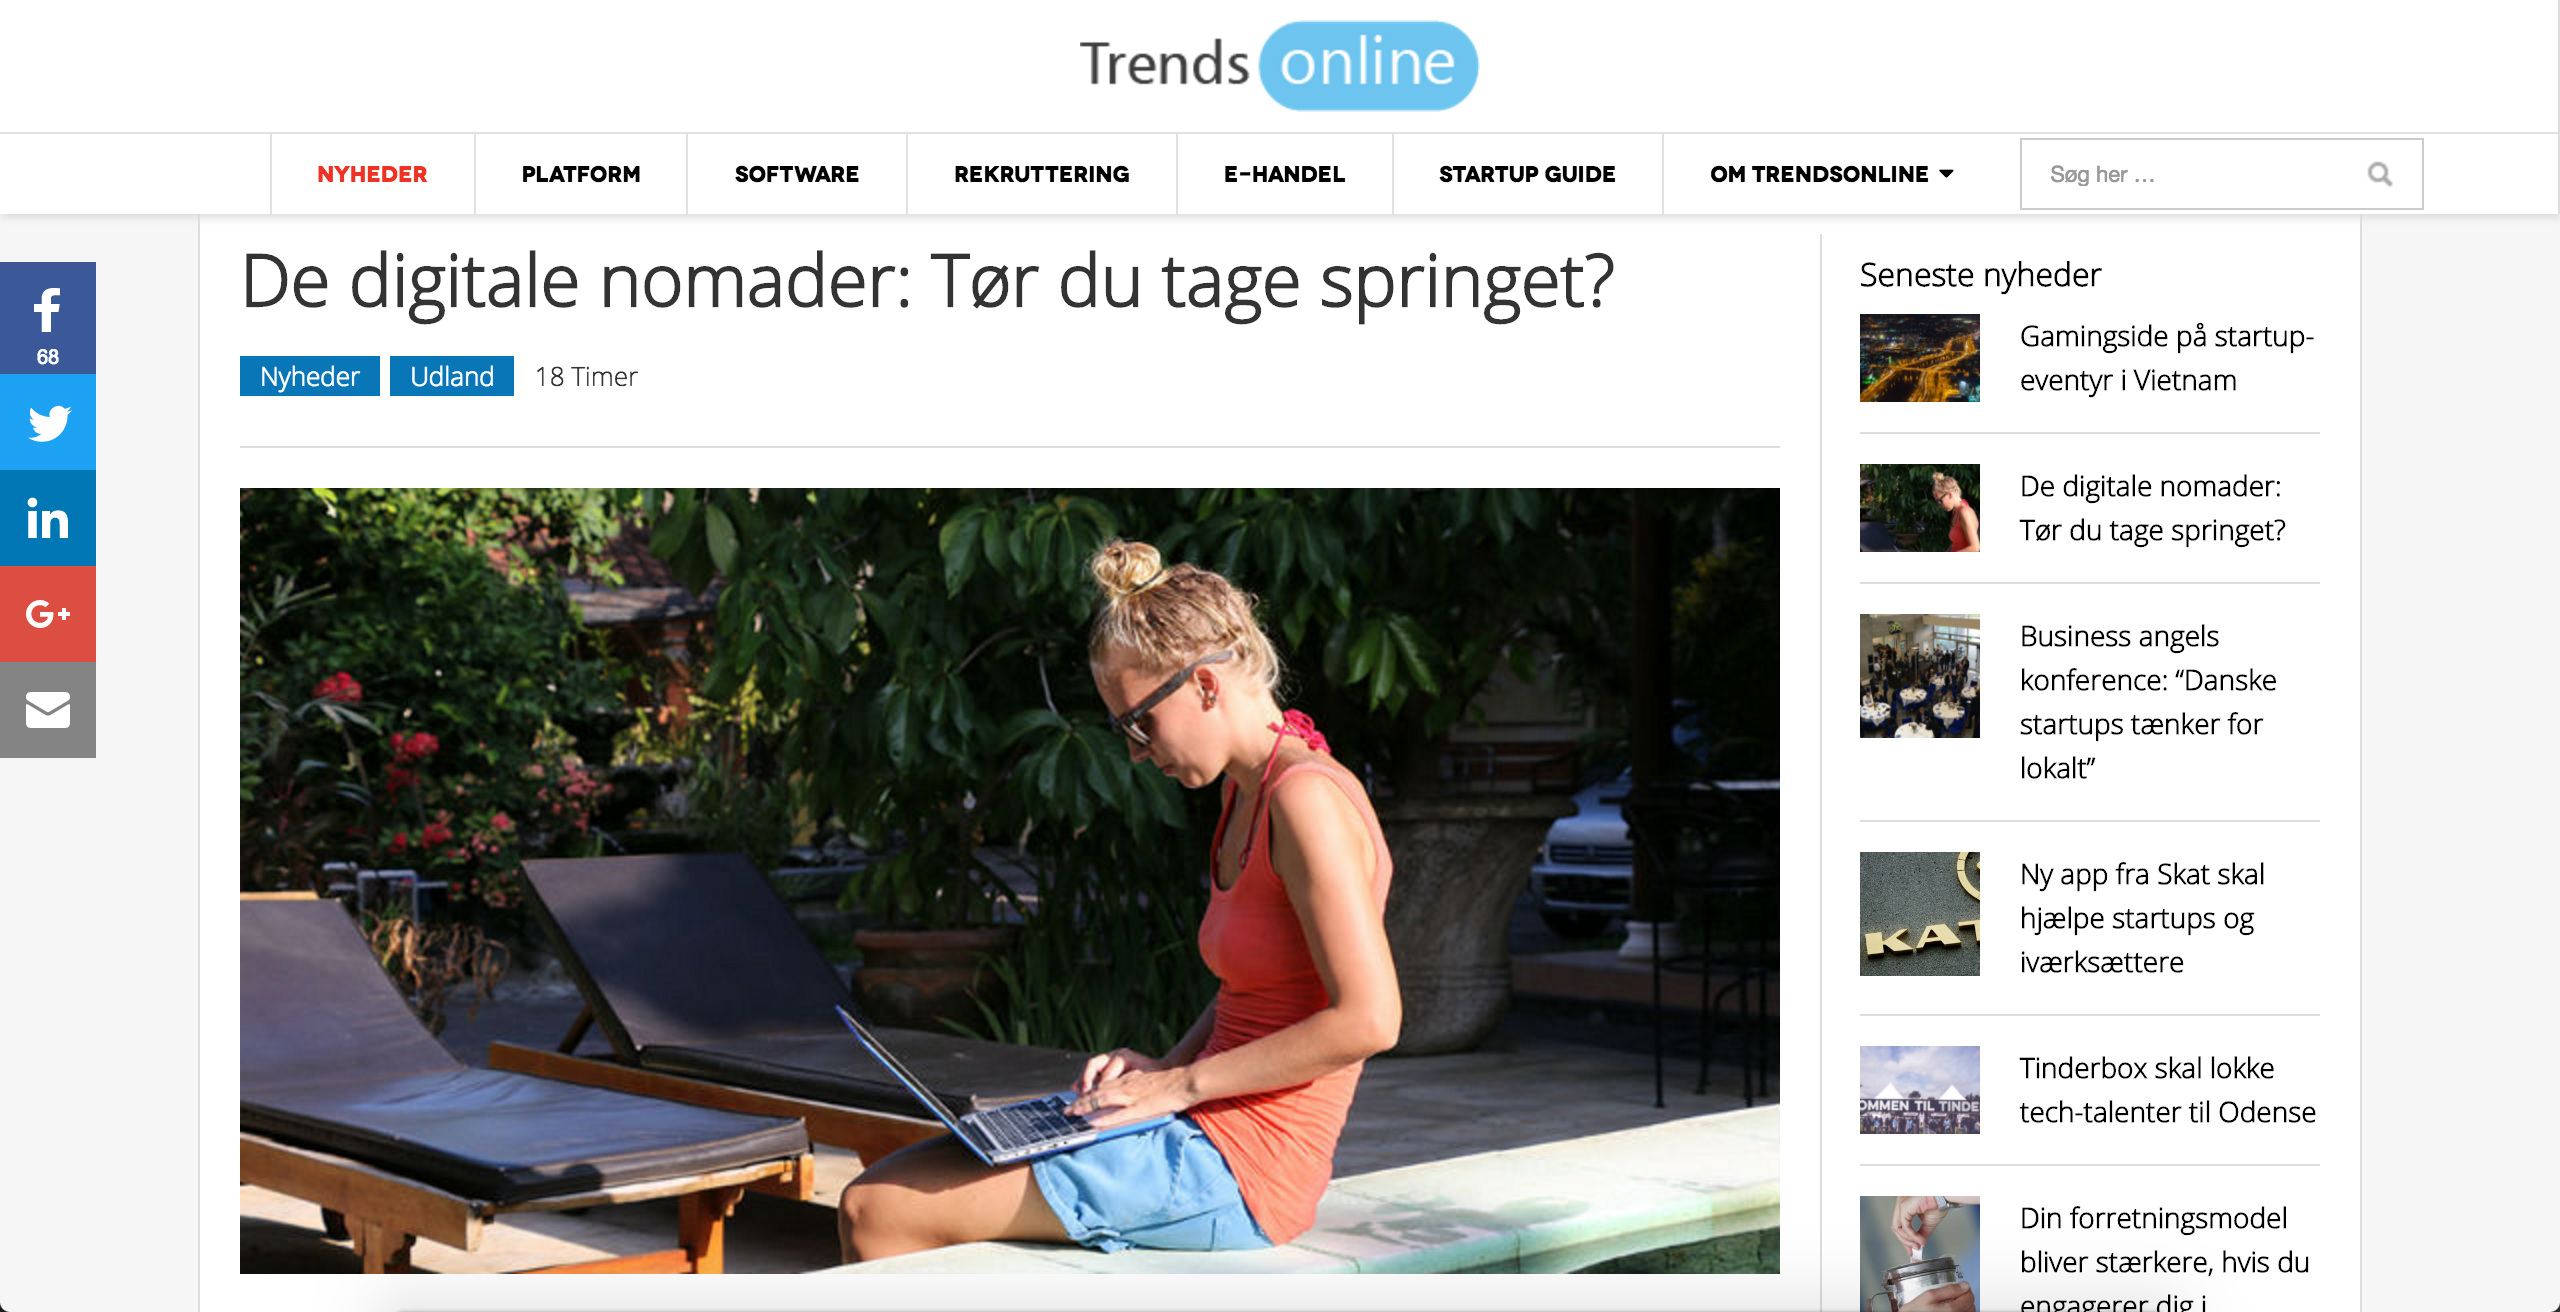 Trendsonline.dk